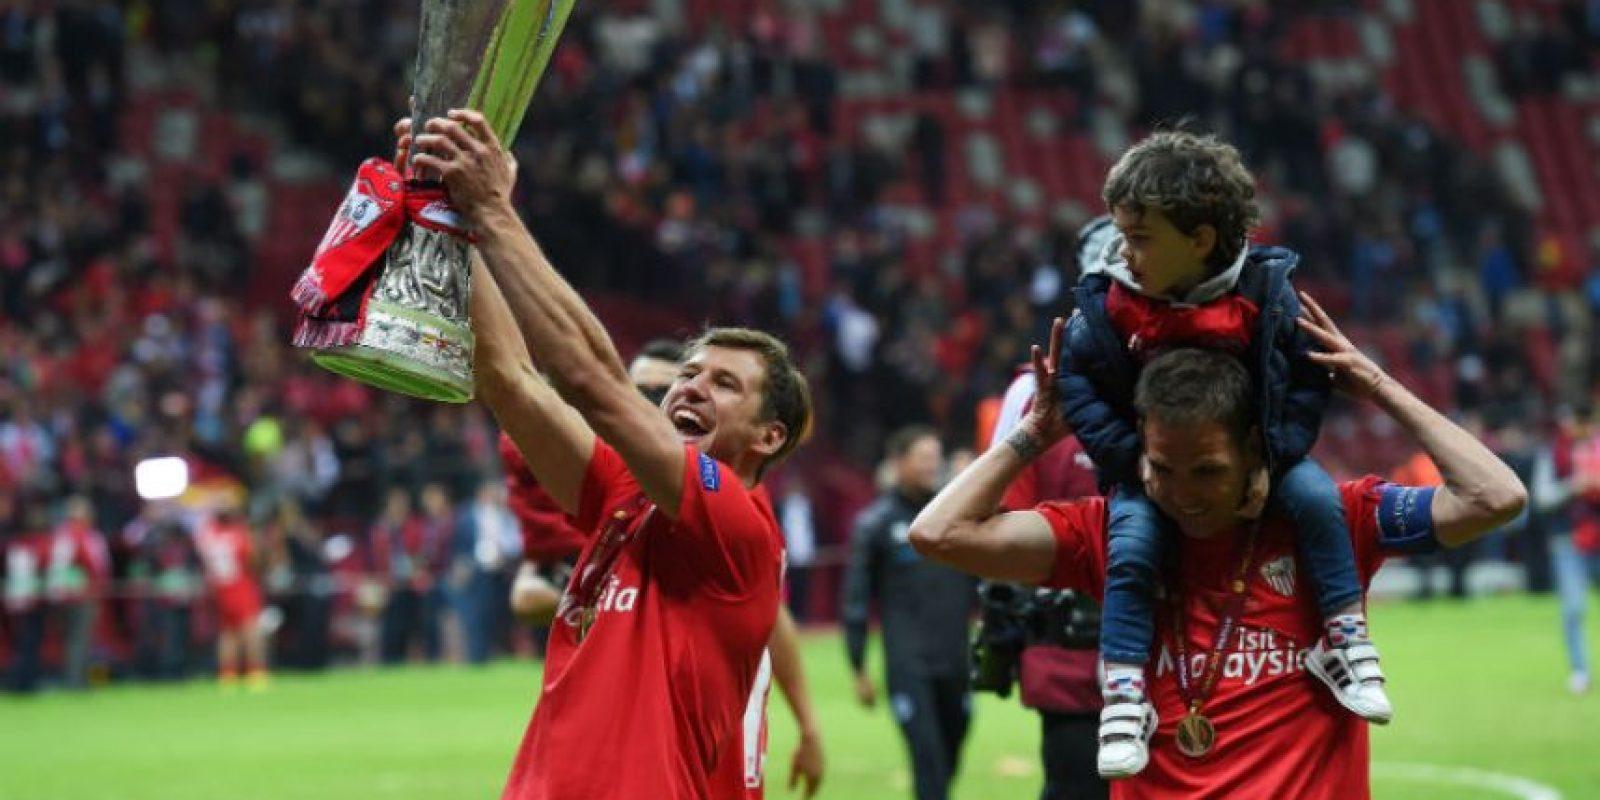 Los actuales campeones suman cuatro títulos Foto:Getty Images